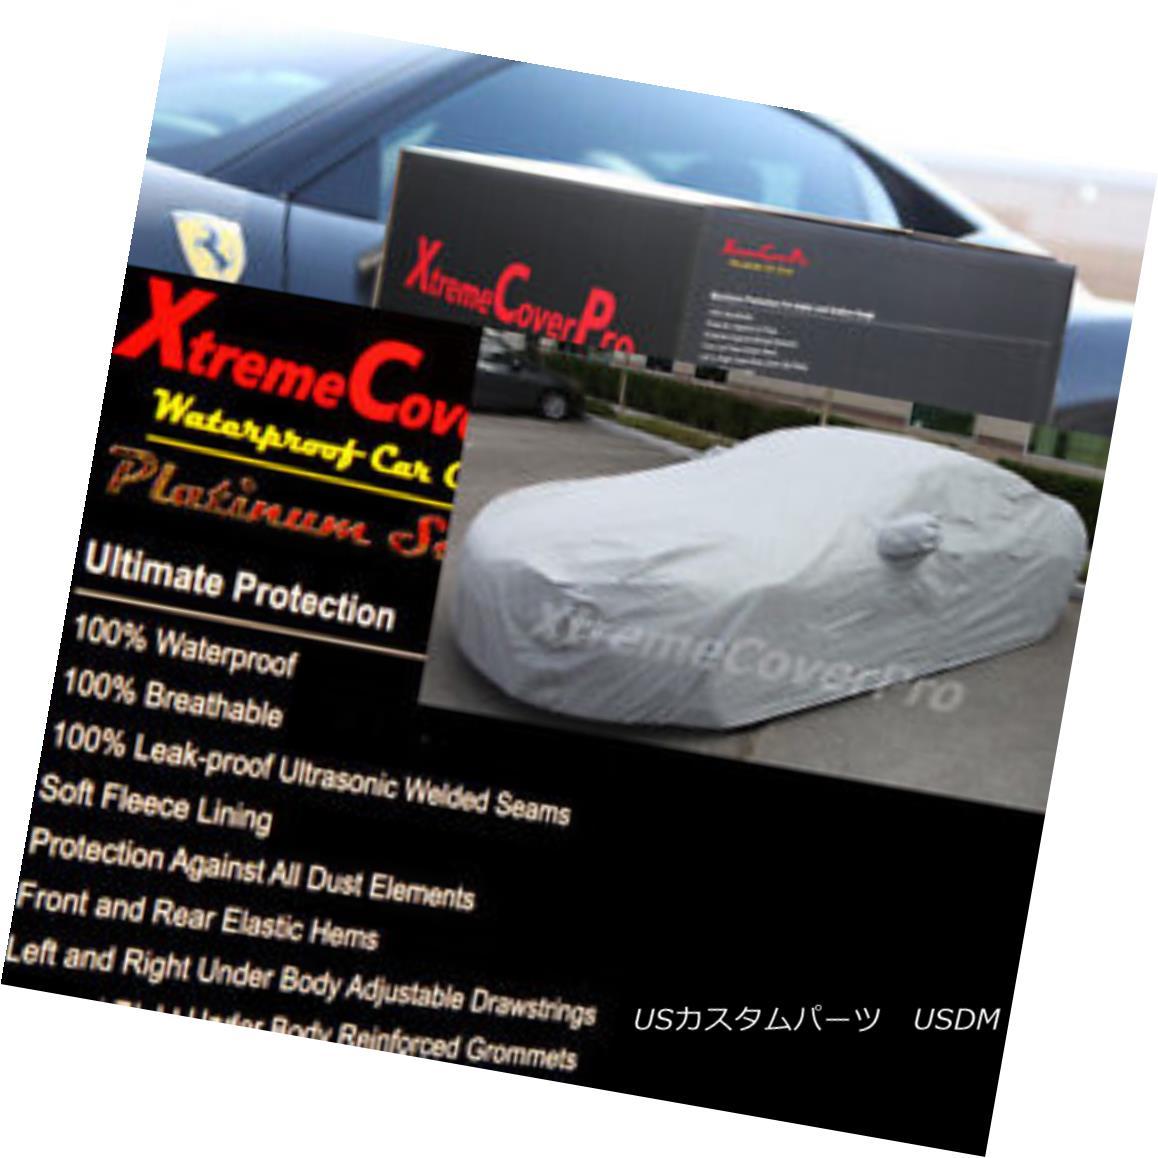 カーカバー 2014 Volvo S60 Waterproof Car Cover w/ Mirror Pocket 2014 Volvo S60ミラーポケット付防水カーカバー